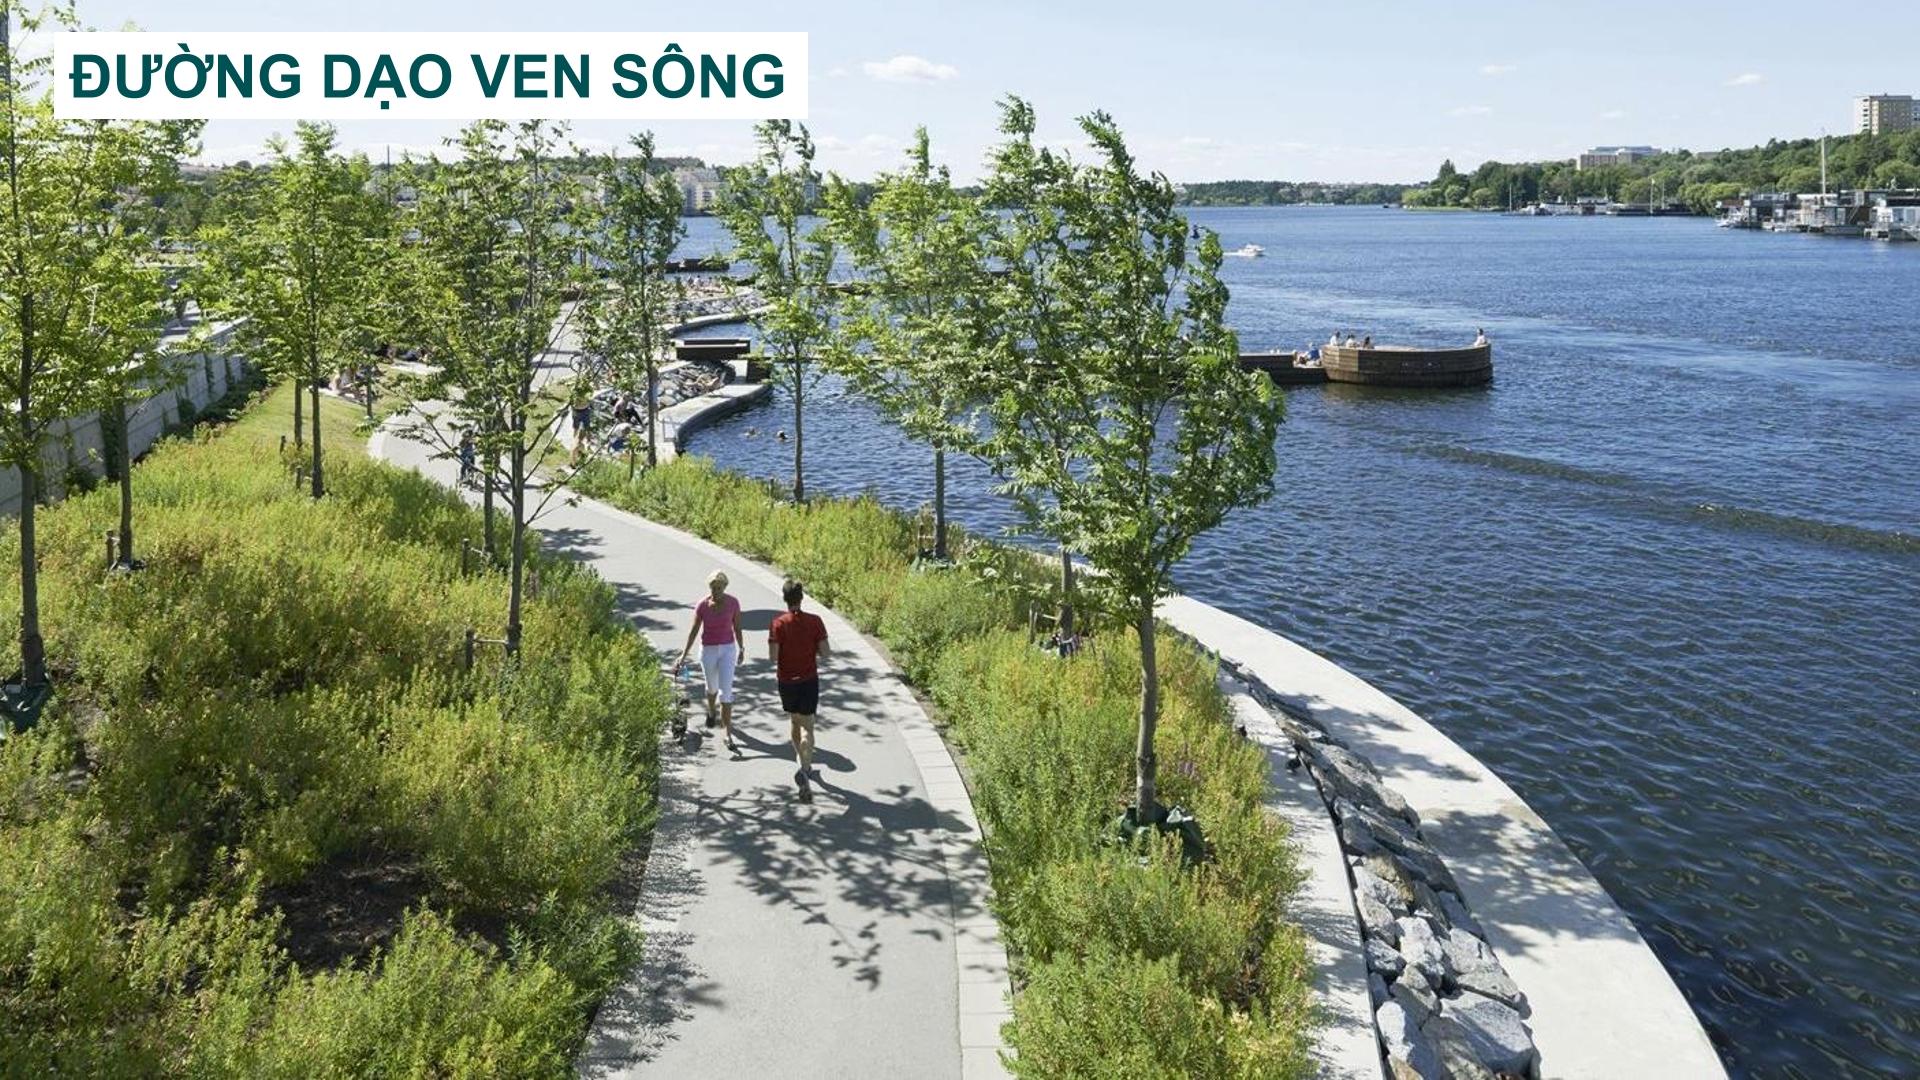 Thiết kế hiện đại với không gian sống xanh